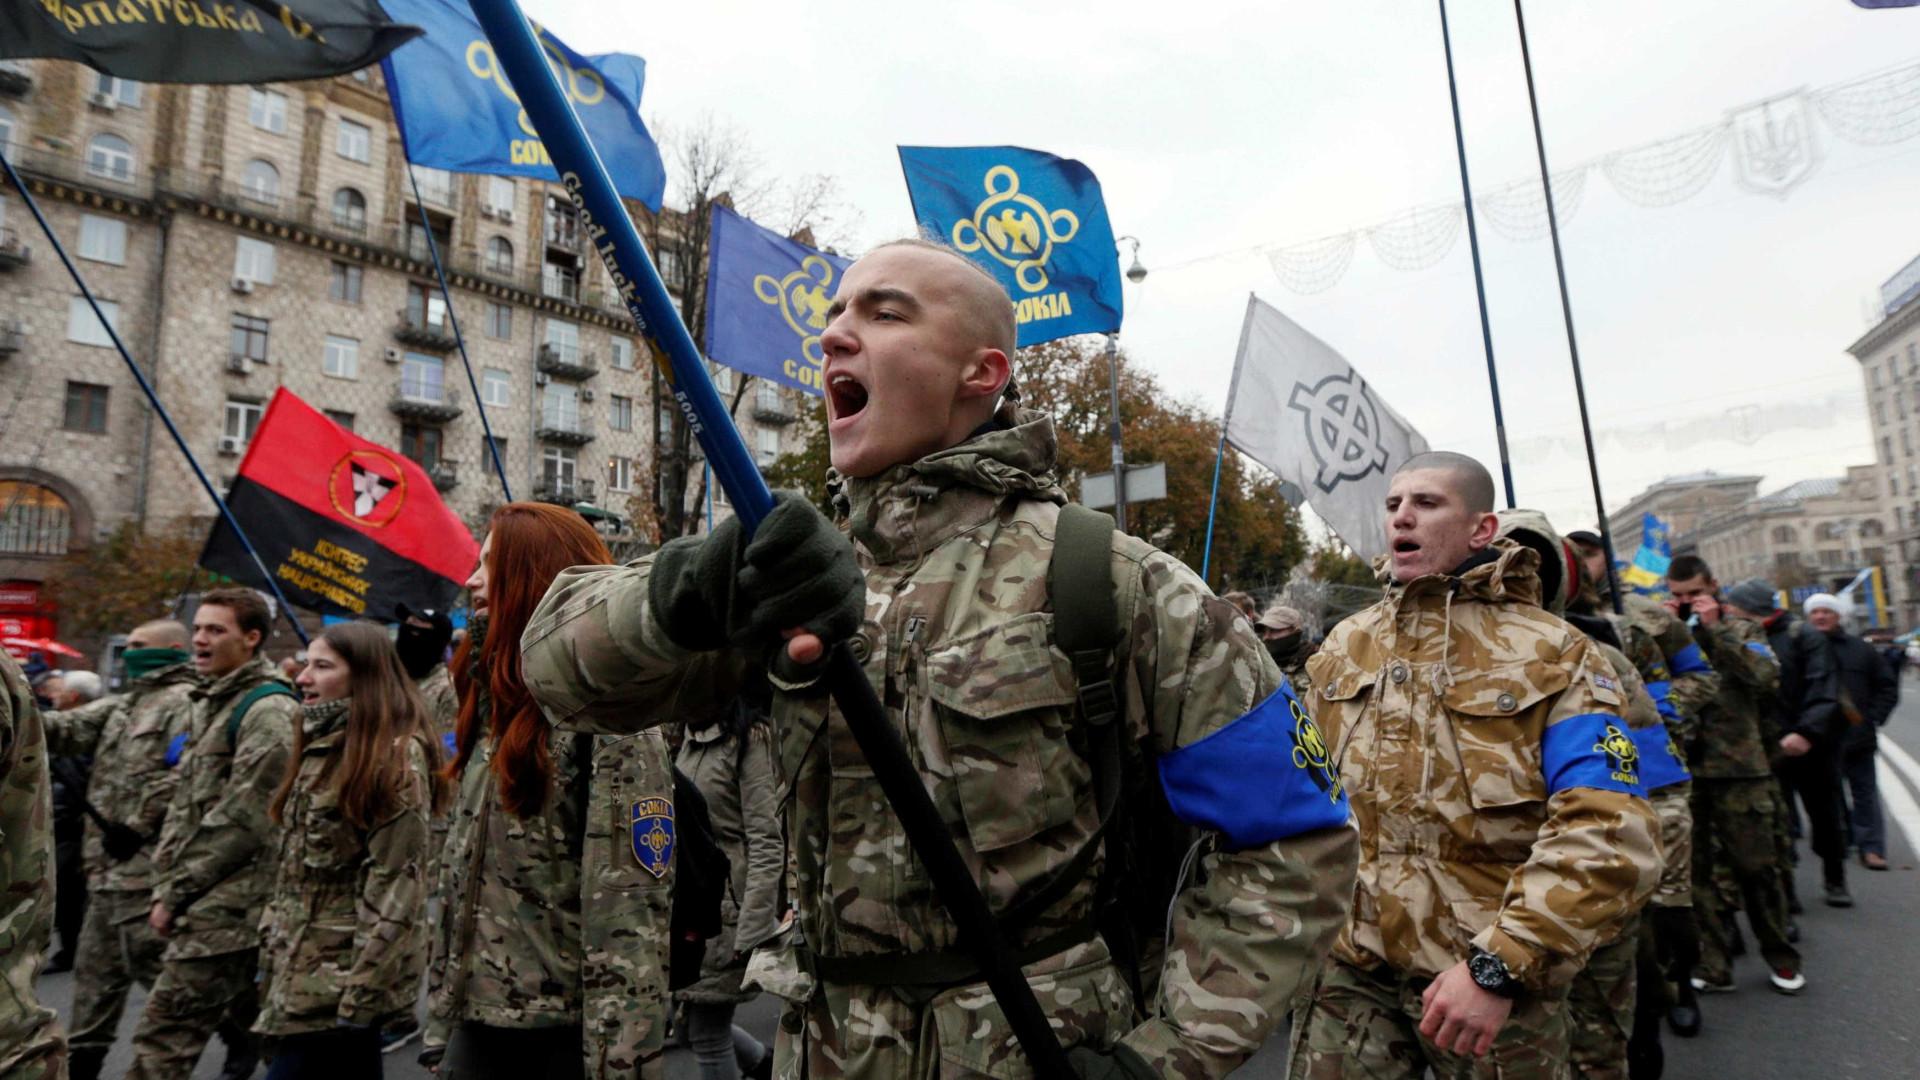 Líderes se reunirão na quarta  em Berlim para discutir crise na Ucrânia